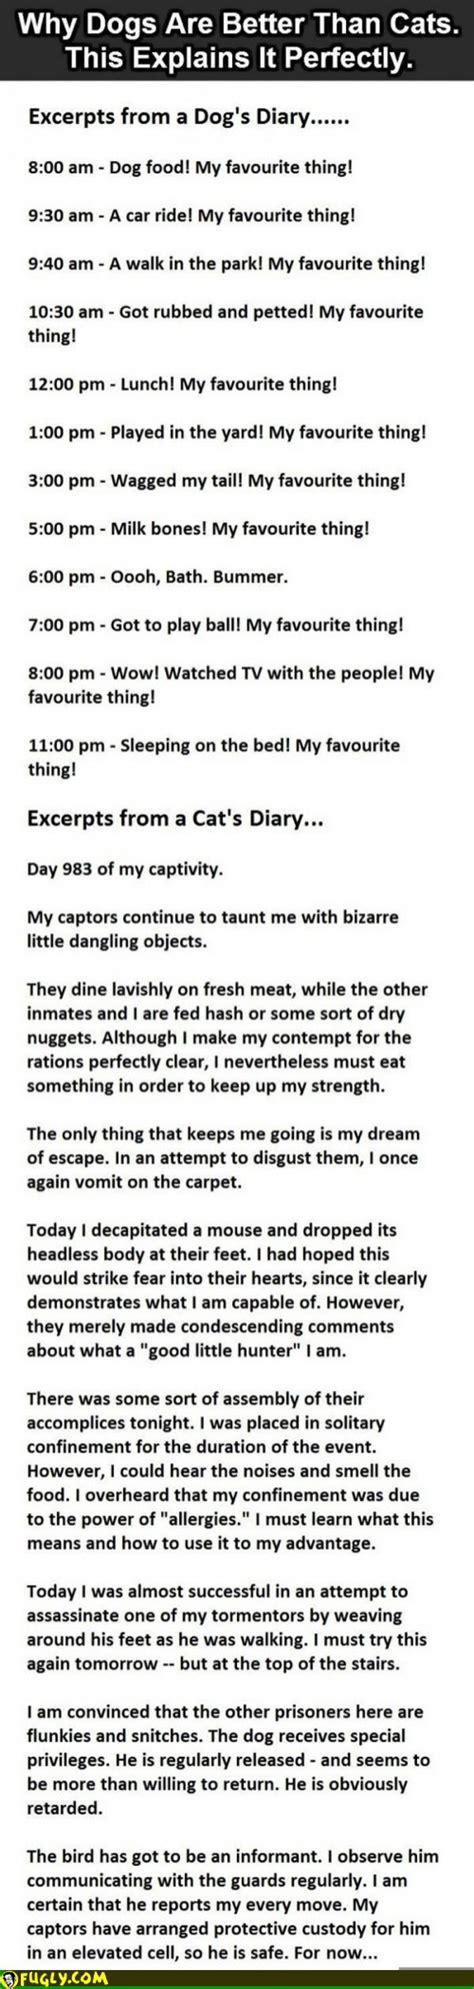 cat vs diary cat diary vs diary